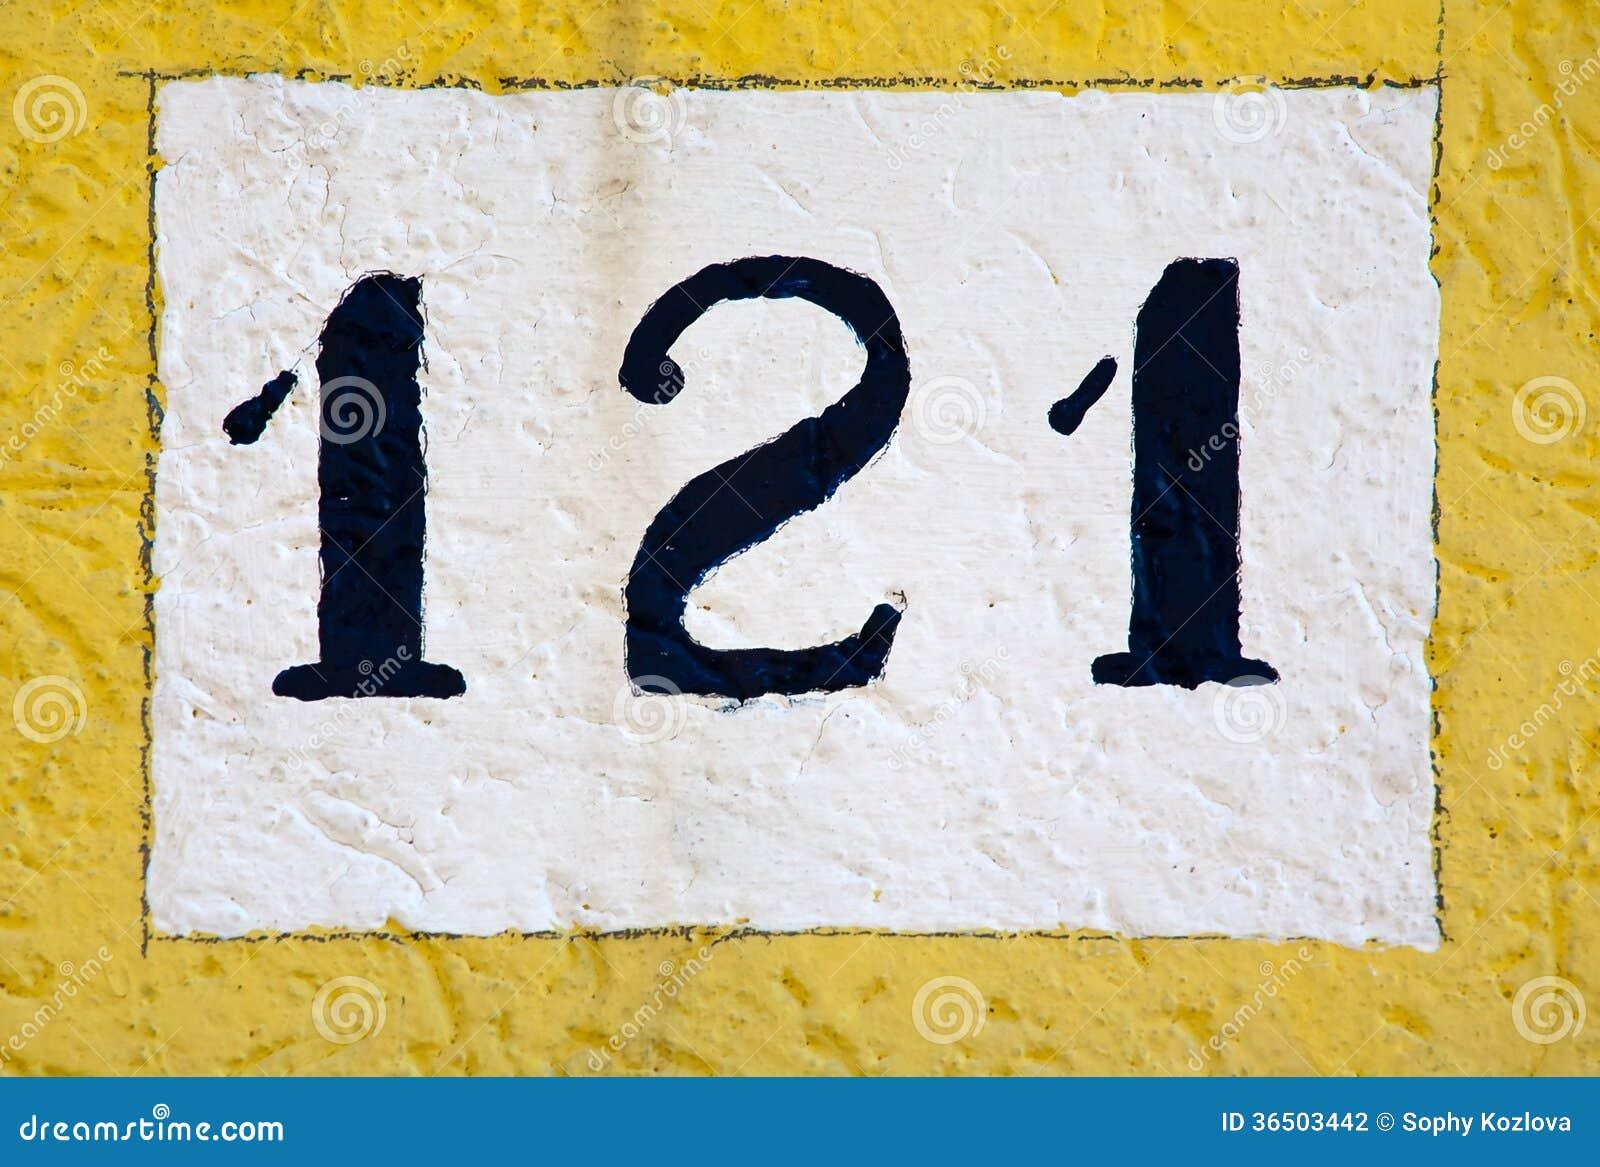 Signe de numéro de maison